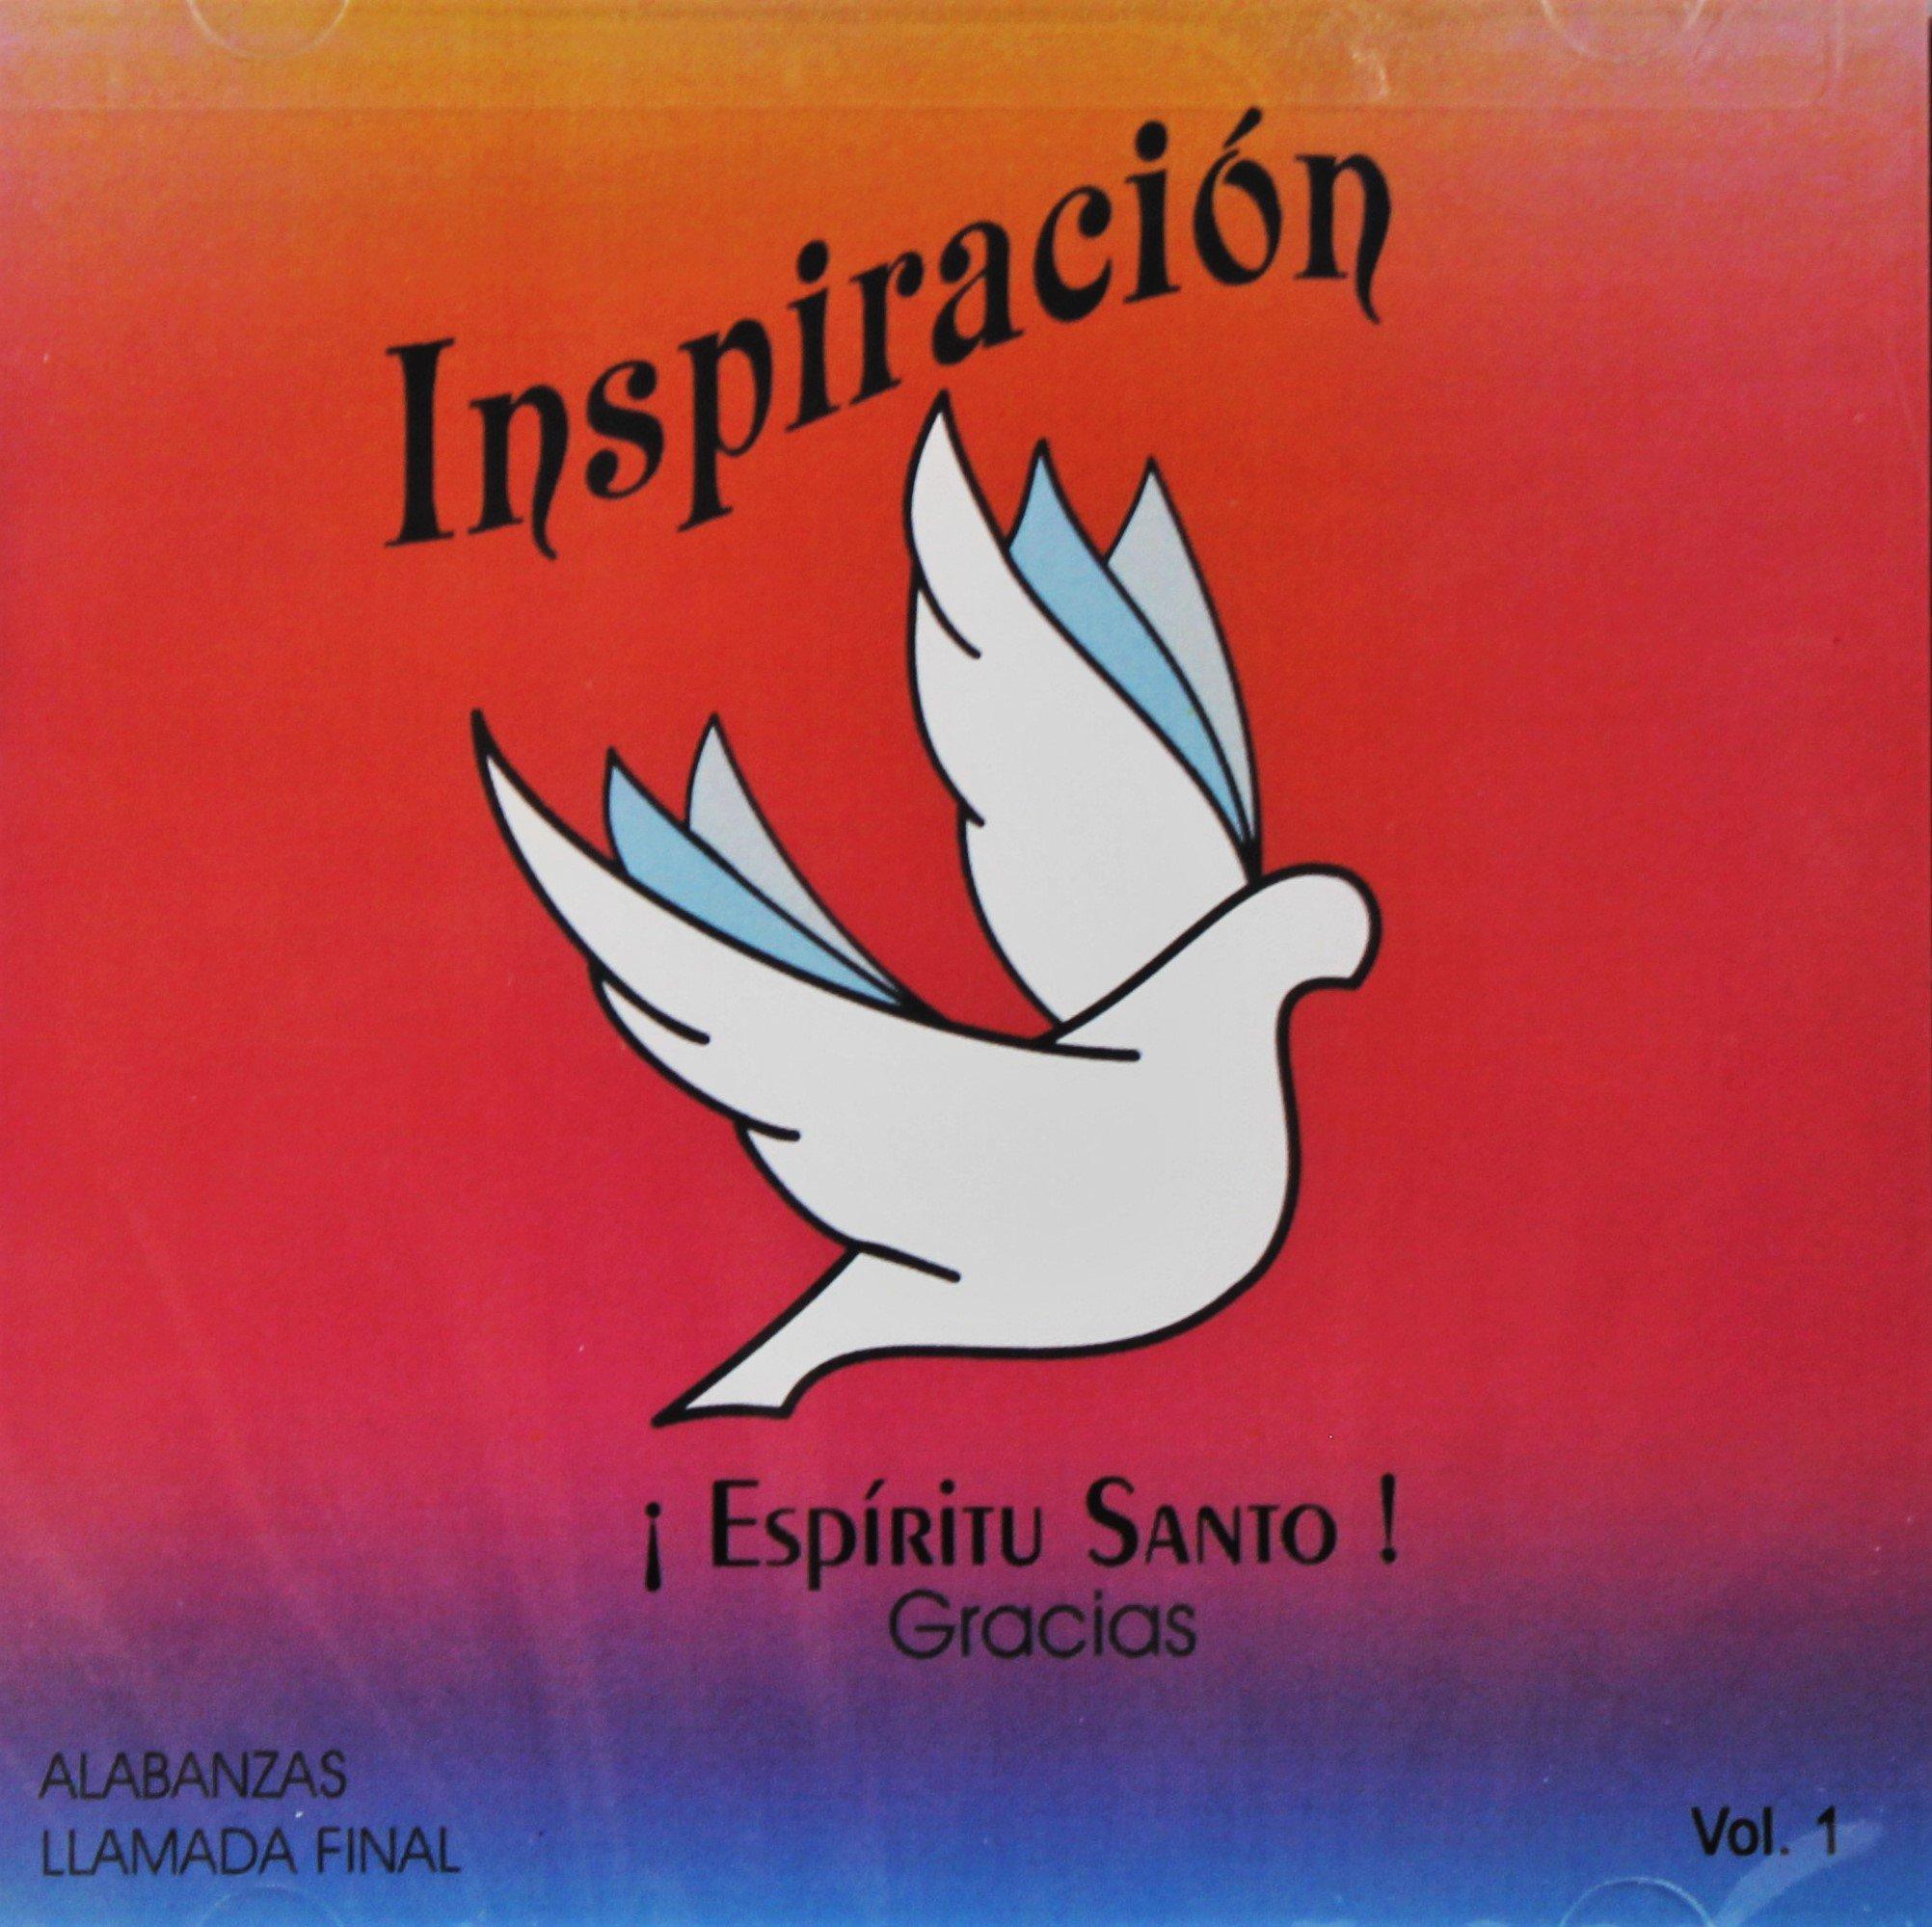 INSPIRACION : ALABANZAS LLAMADA FINAL VOL.1